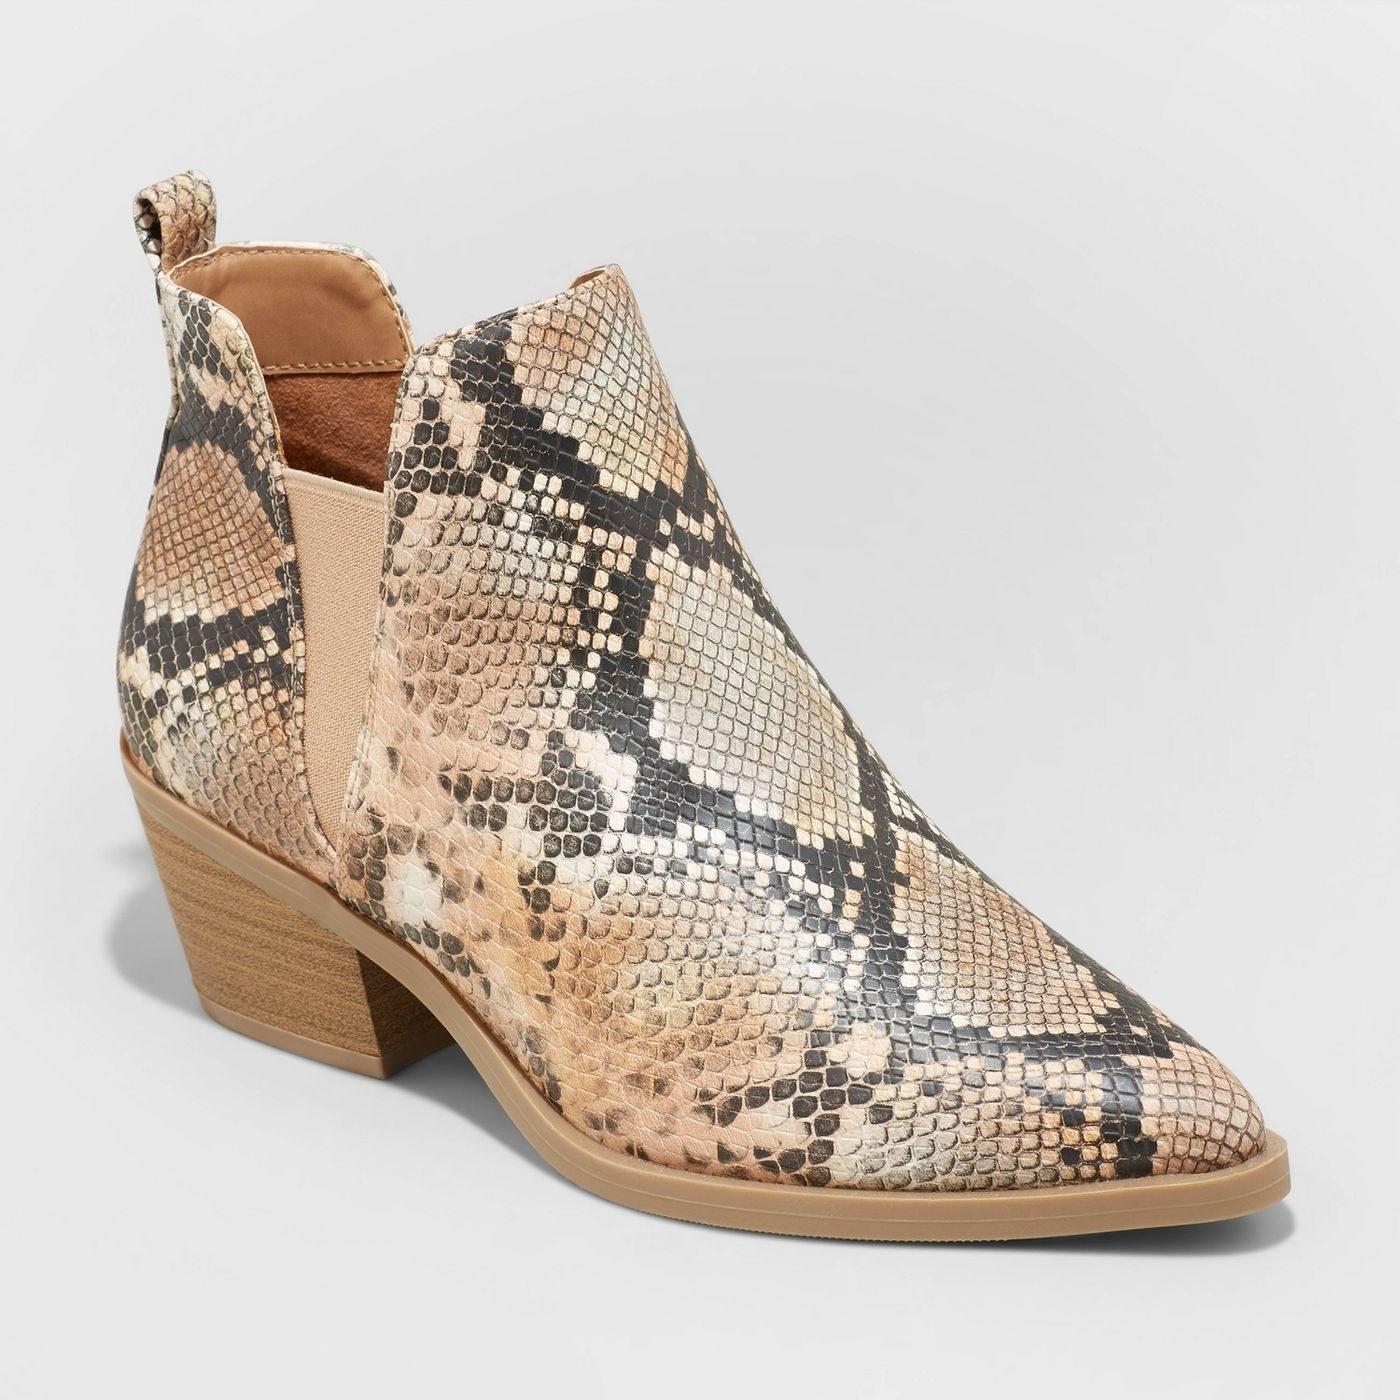 the snakeskin boot